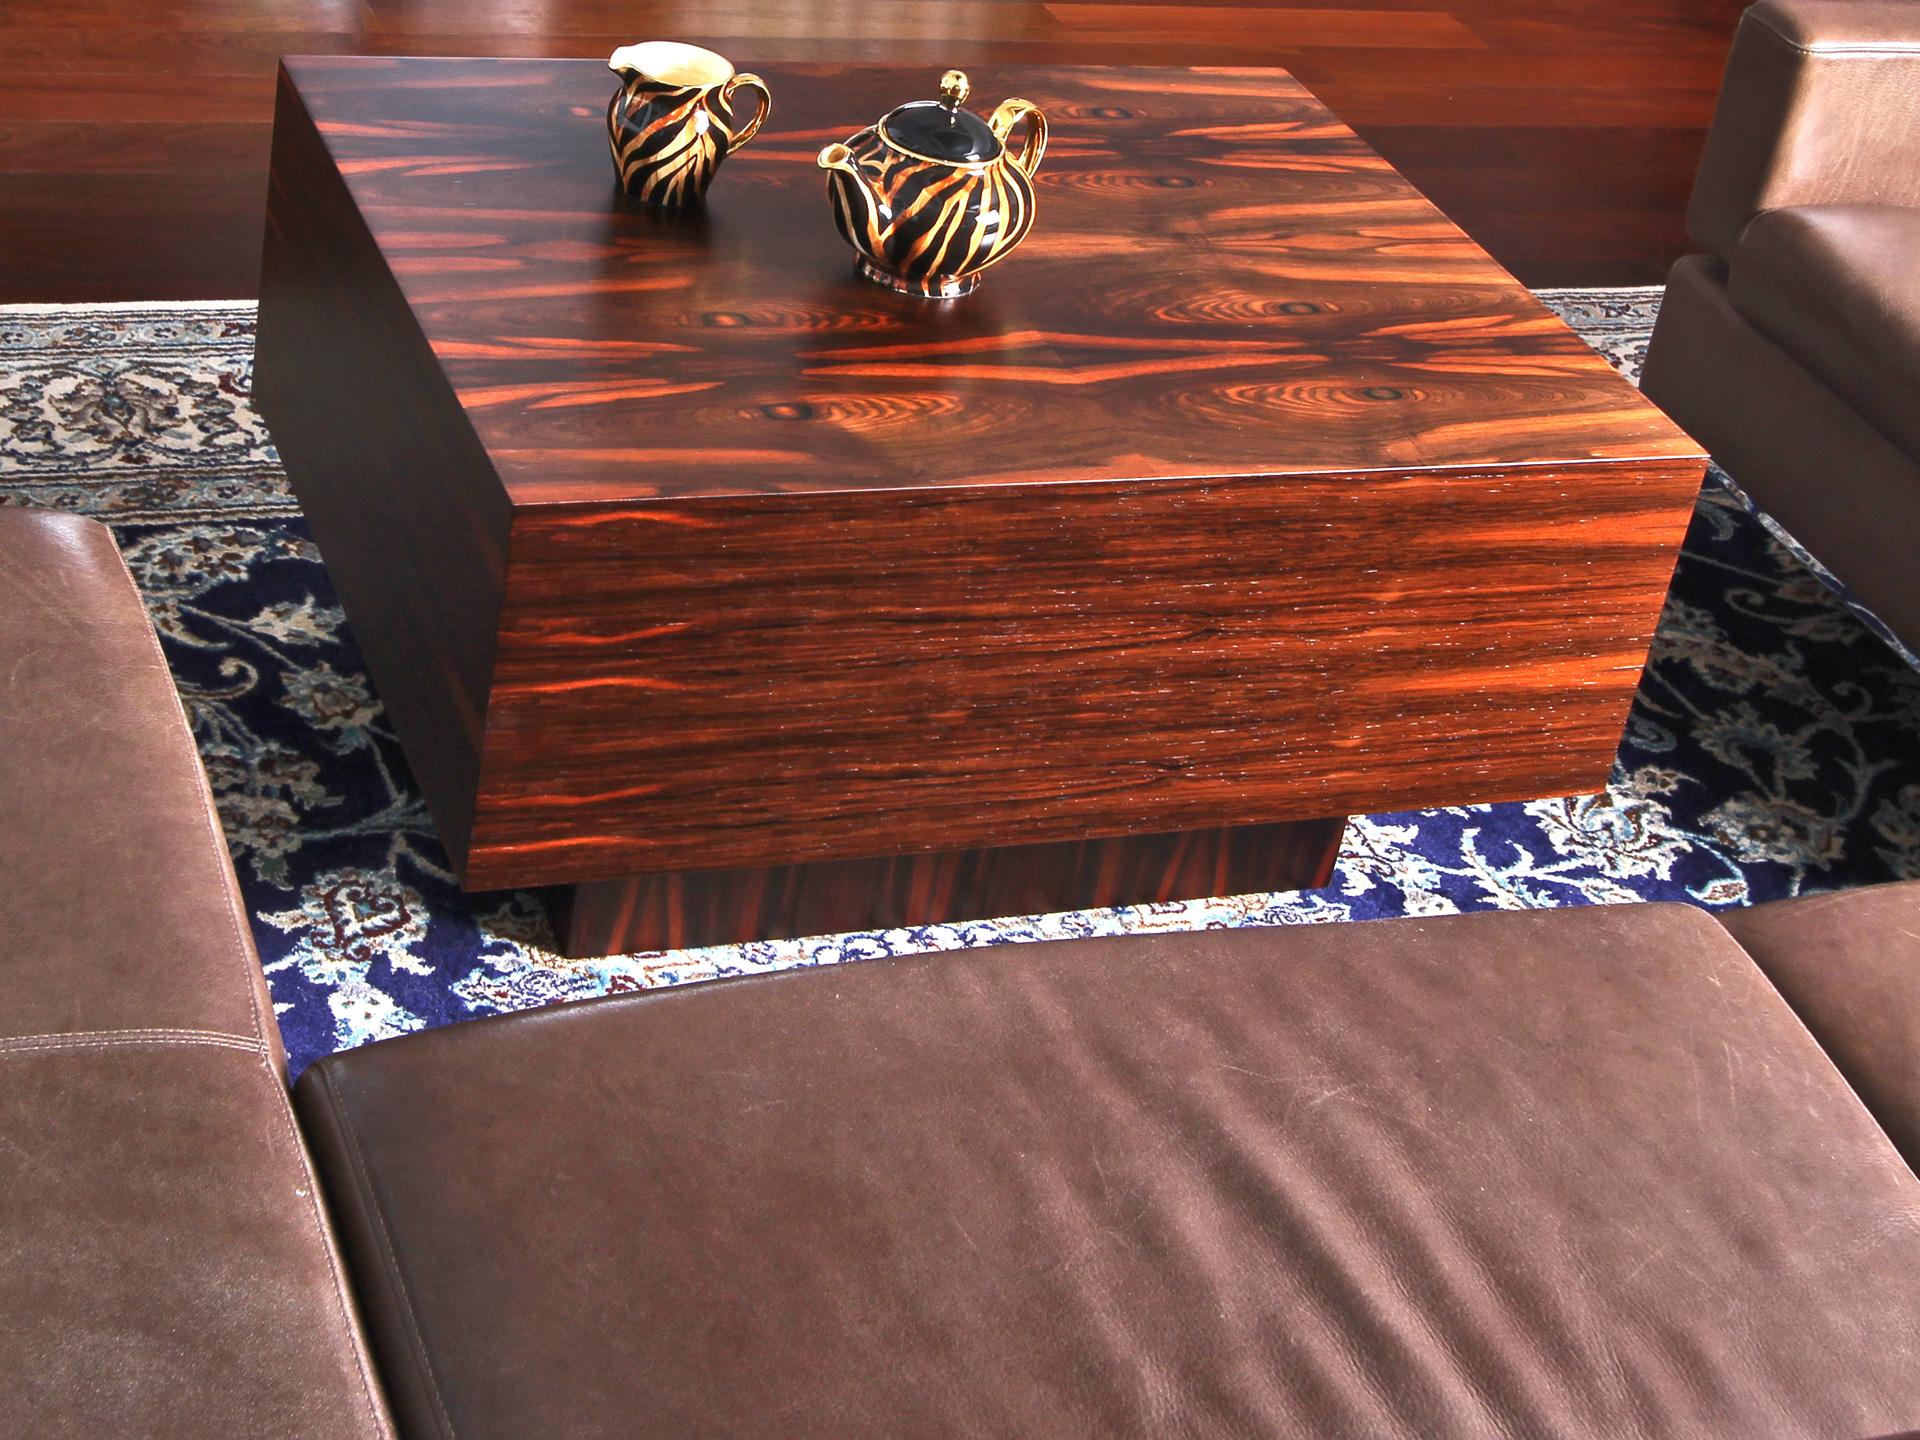 Möbel Tisch Aufbereitet Restaurierung Grobe